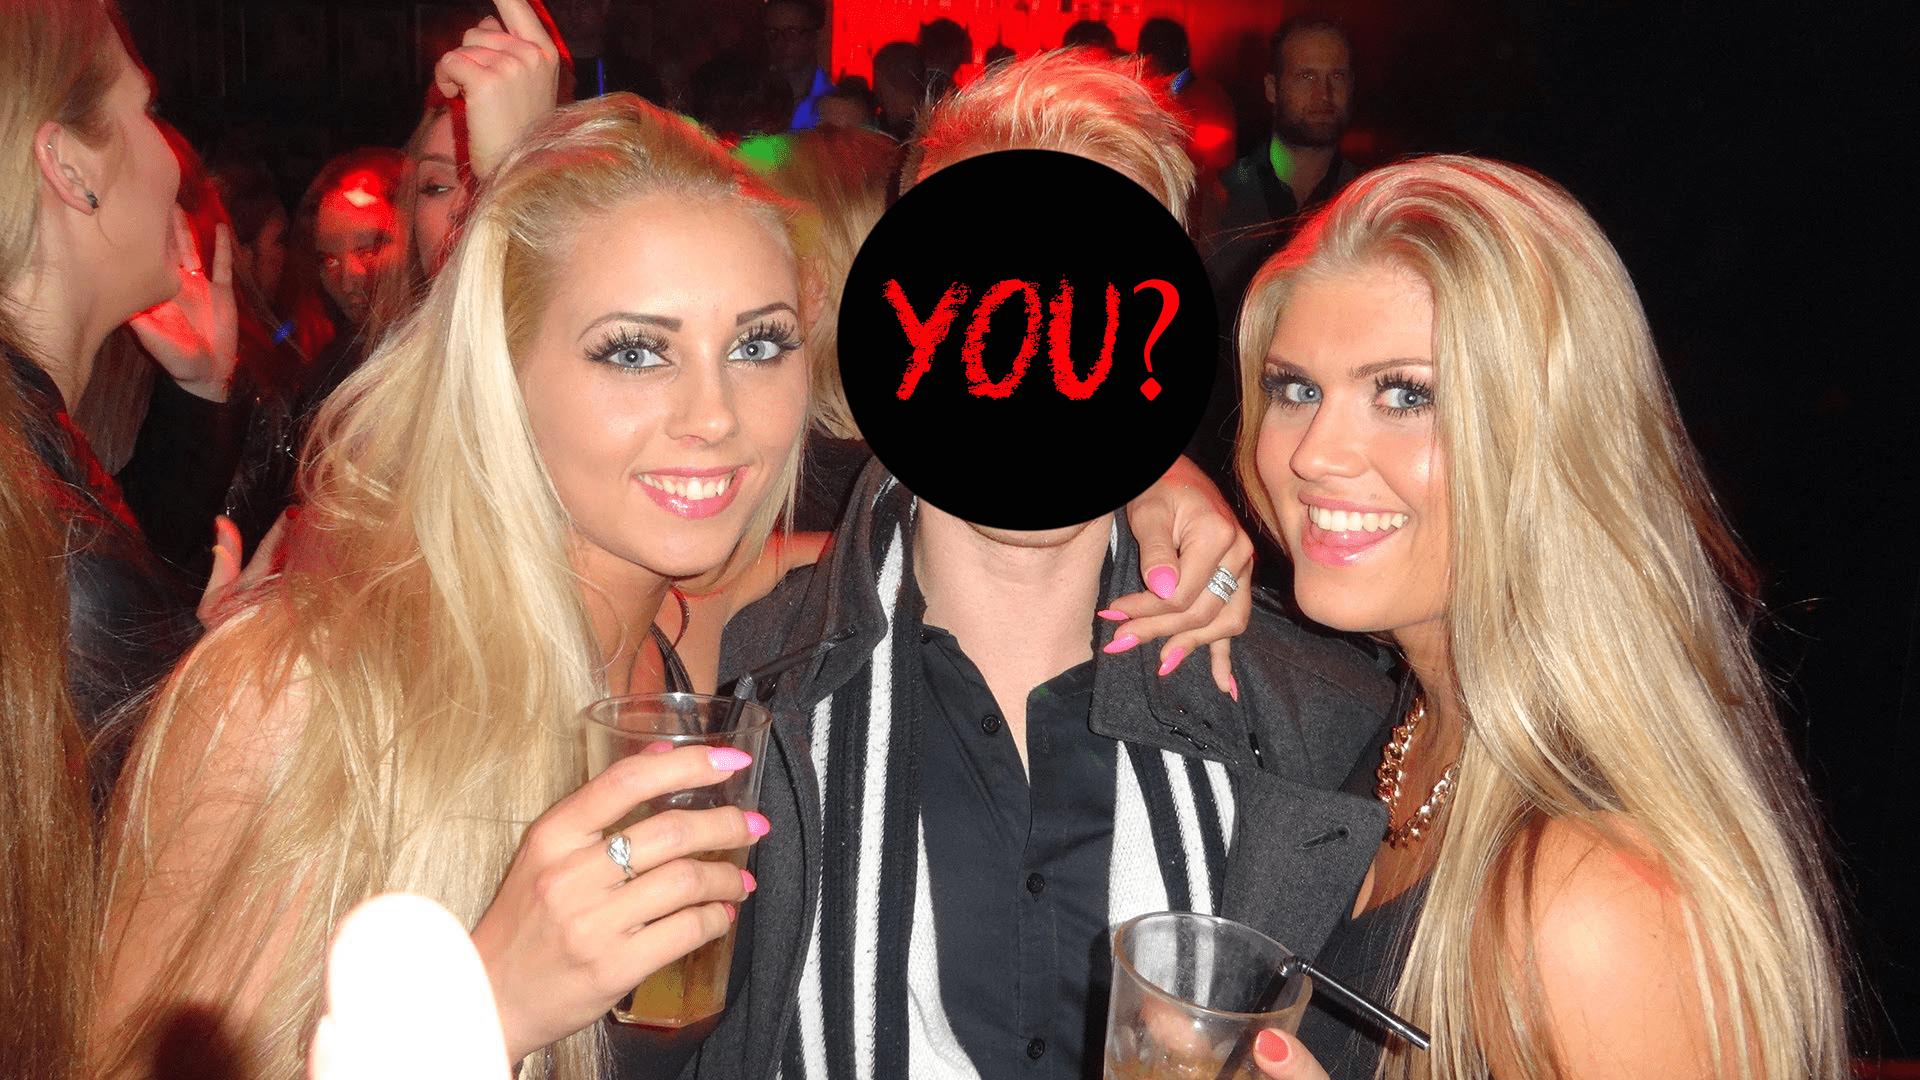 femme islandaise cherche homme rencontre gratuit femme 974